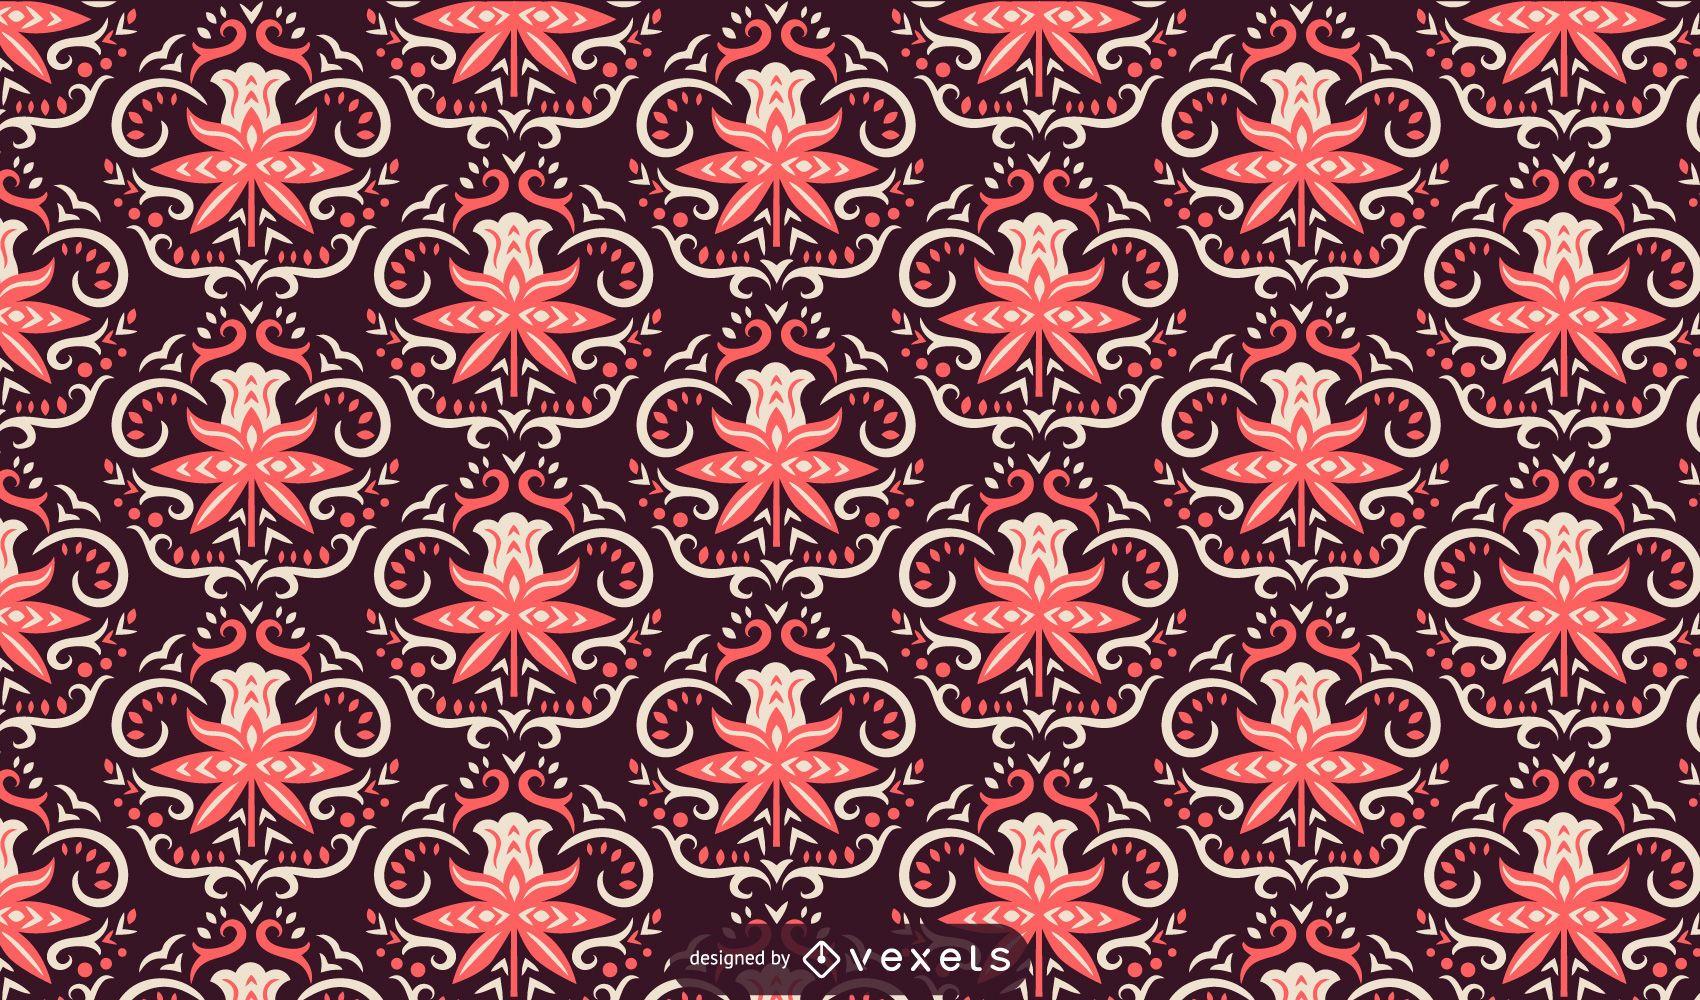 Scandinavian flowers pink pattern